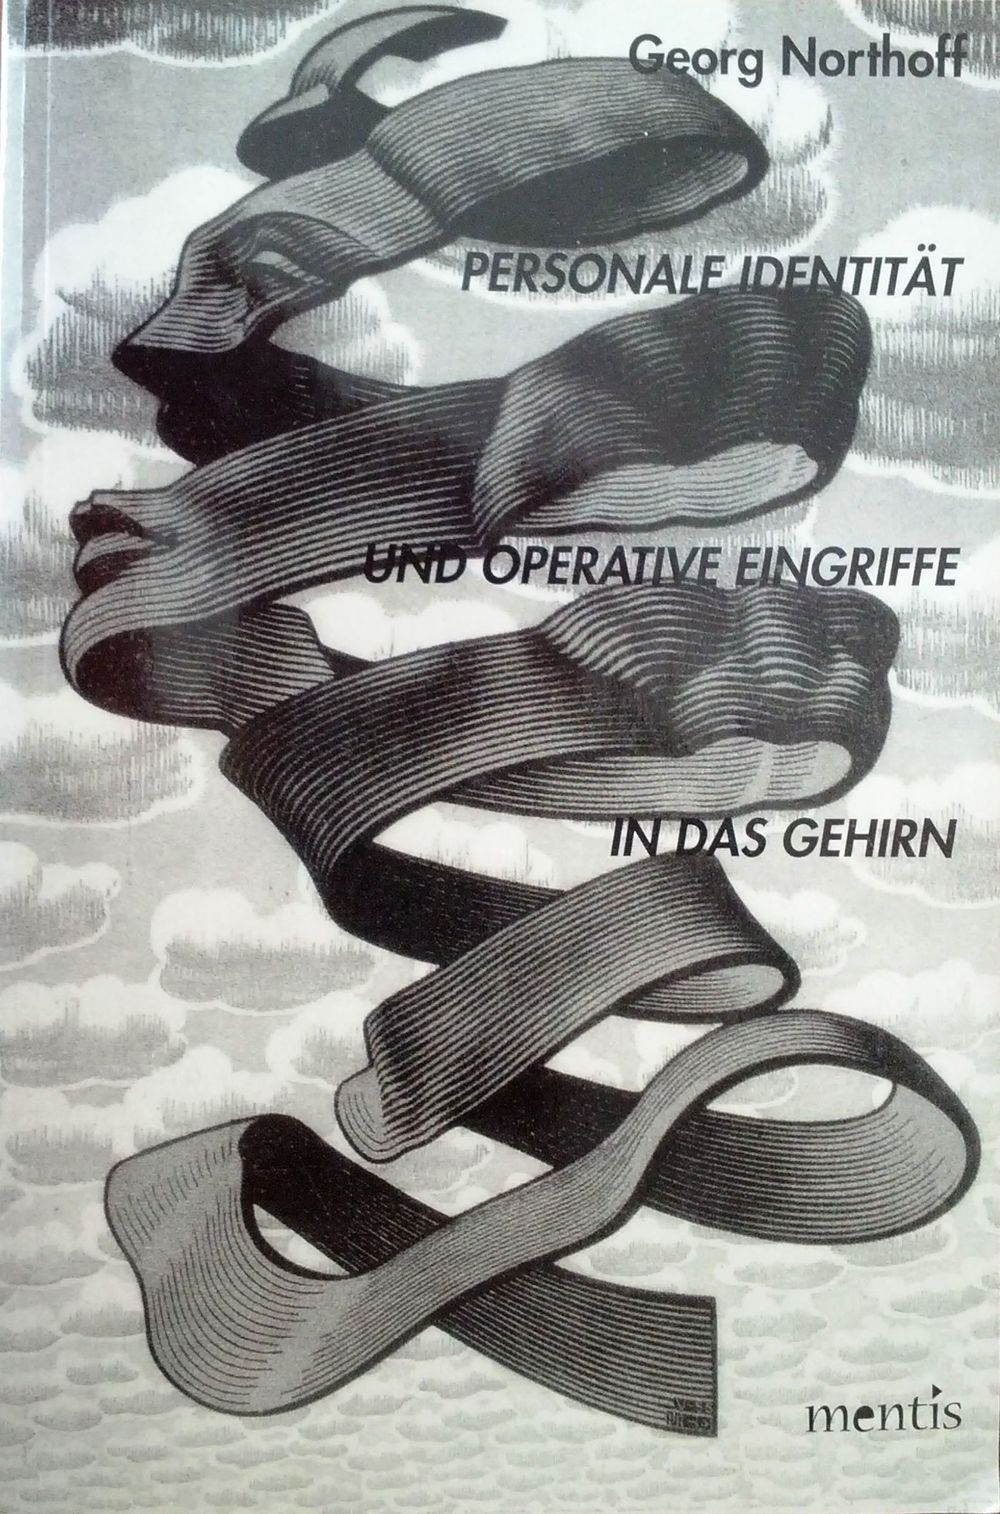 08 - Personale Identität und das Gehirn.jpg